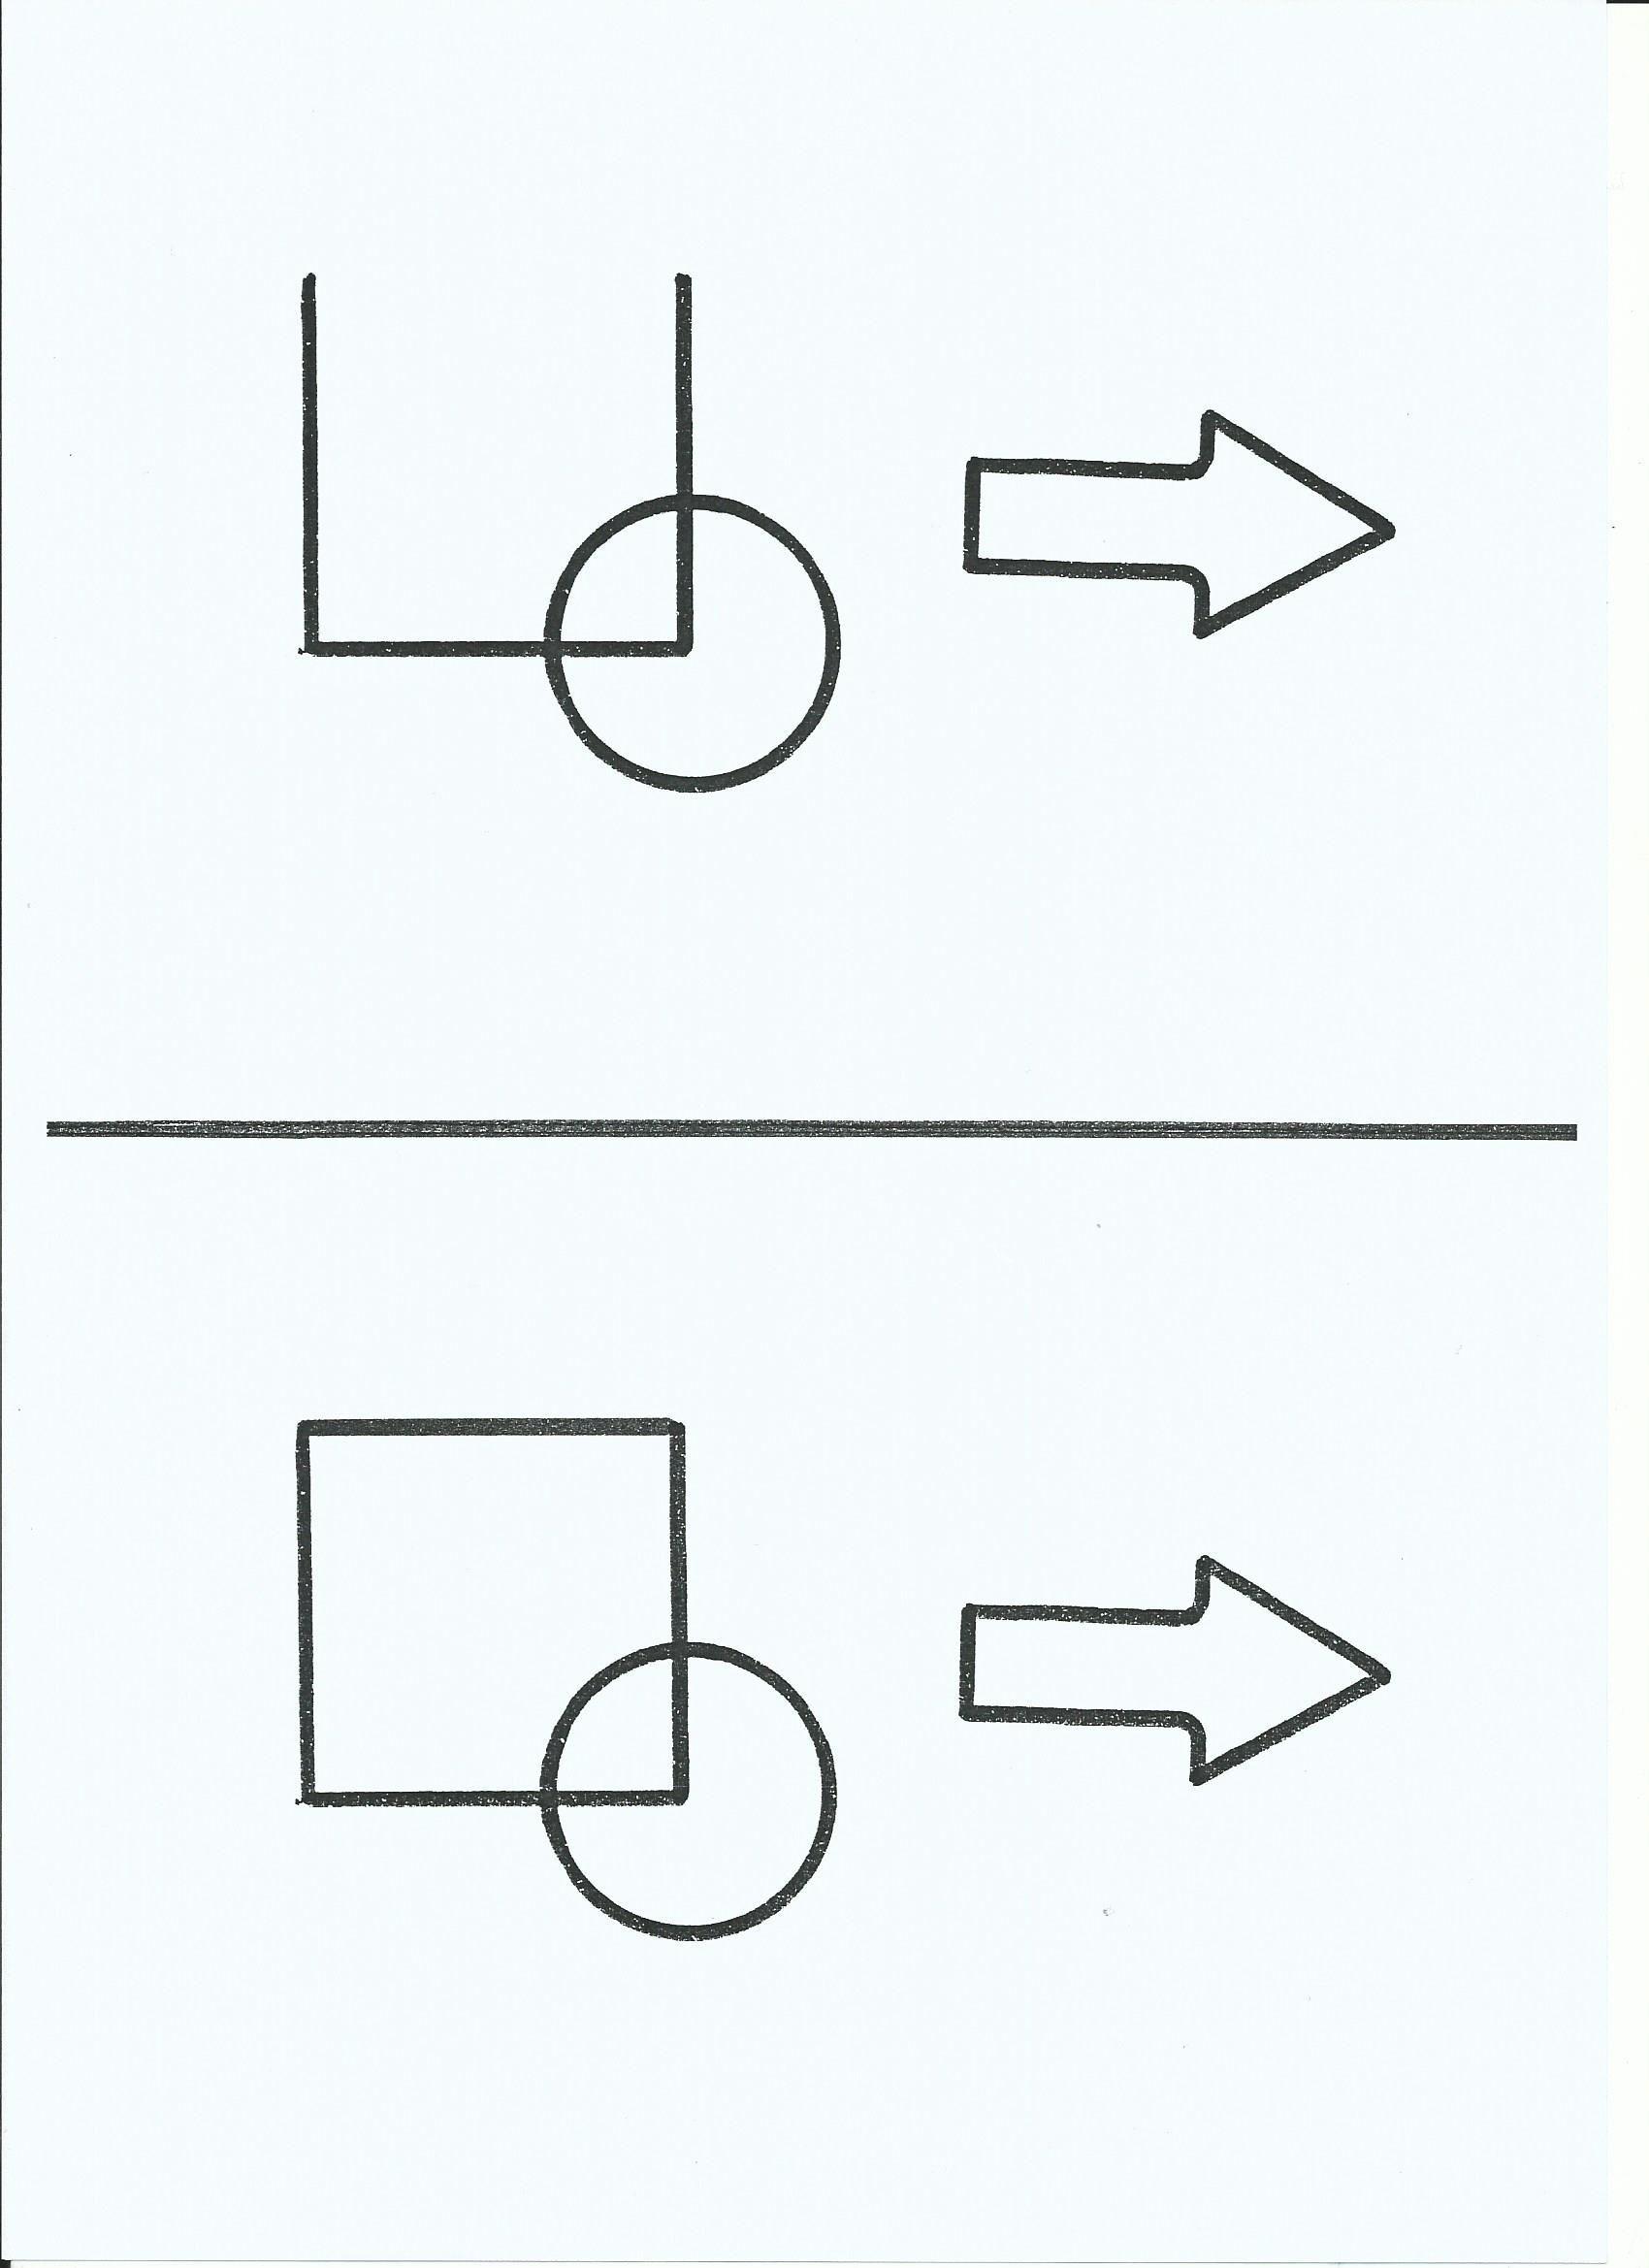 Finde Den Unterschied Arbeitsblatter Logopadie